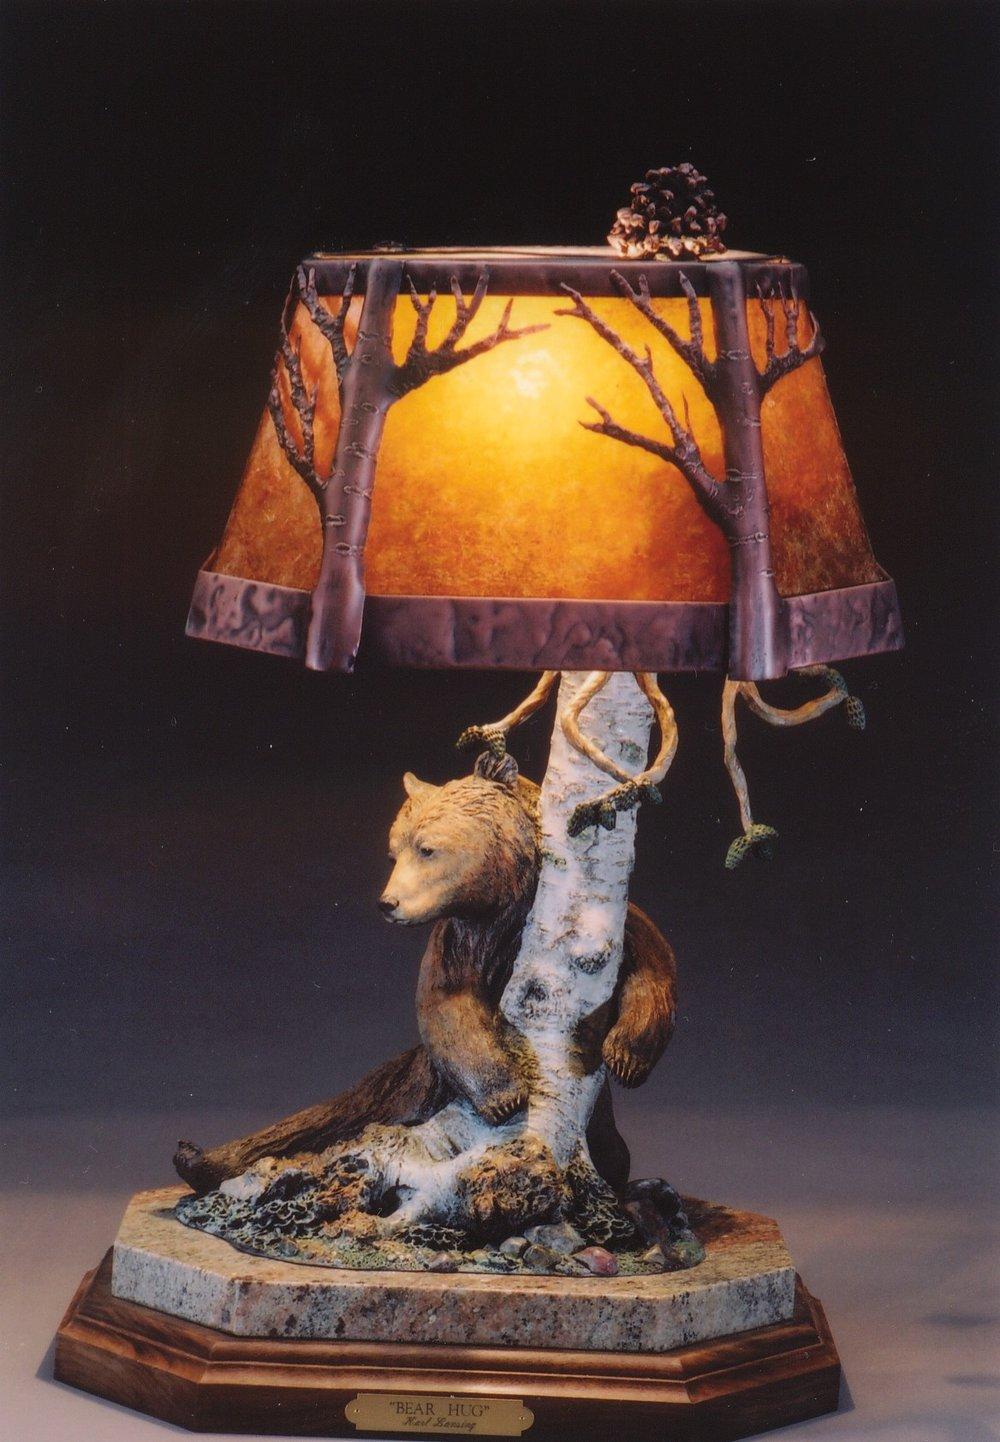 Bear Hug Lamp